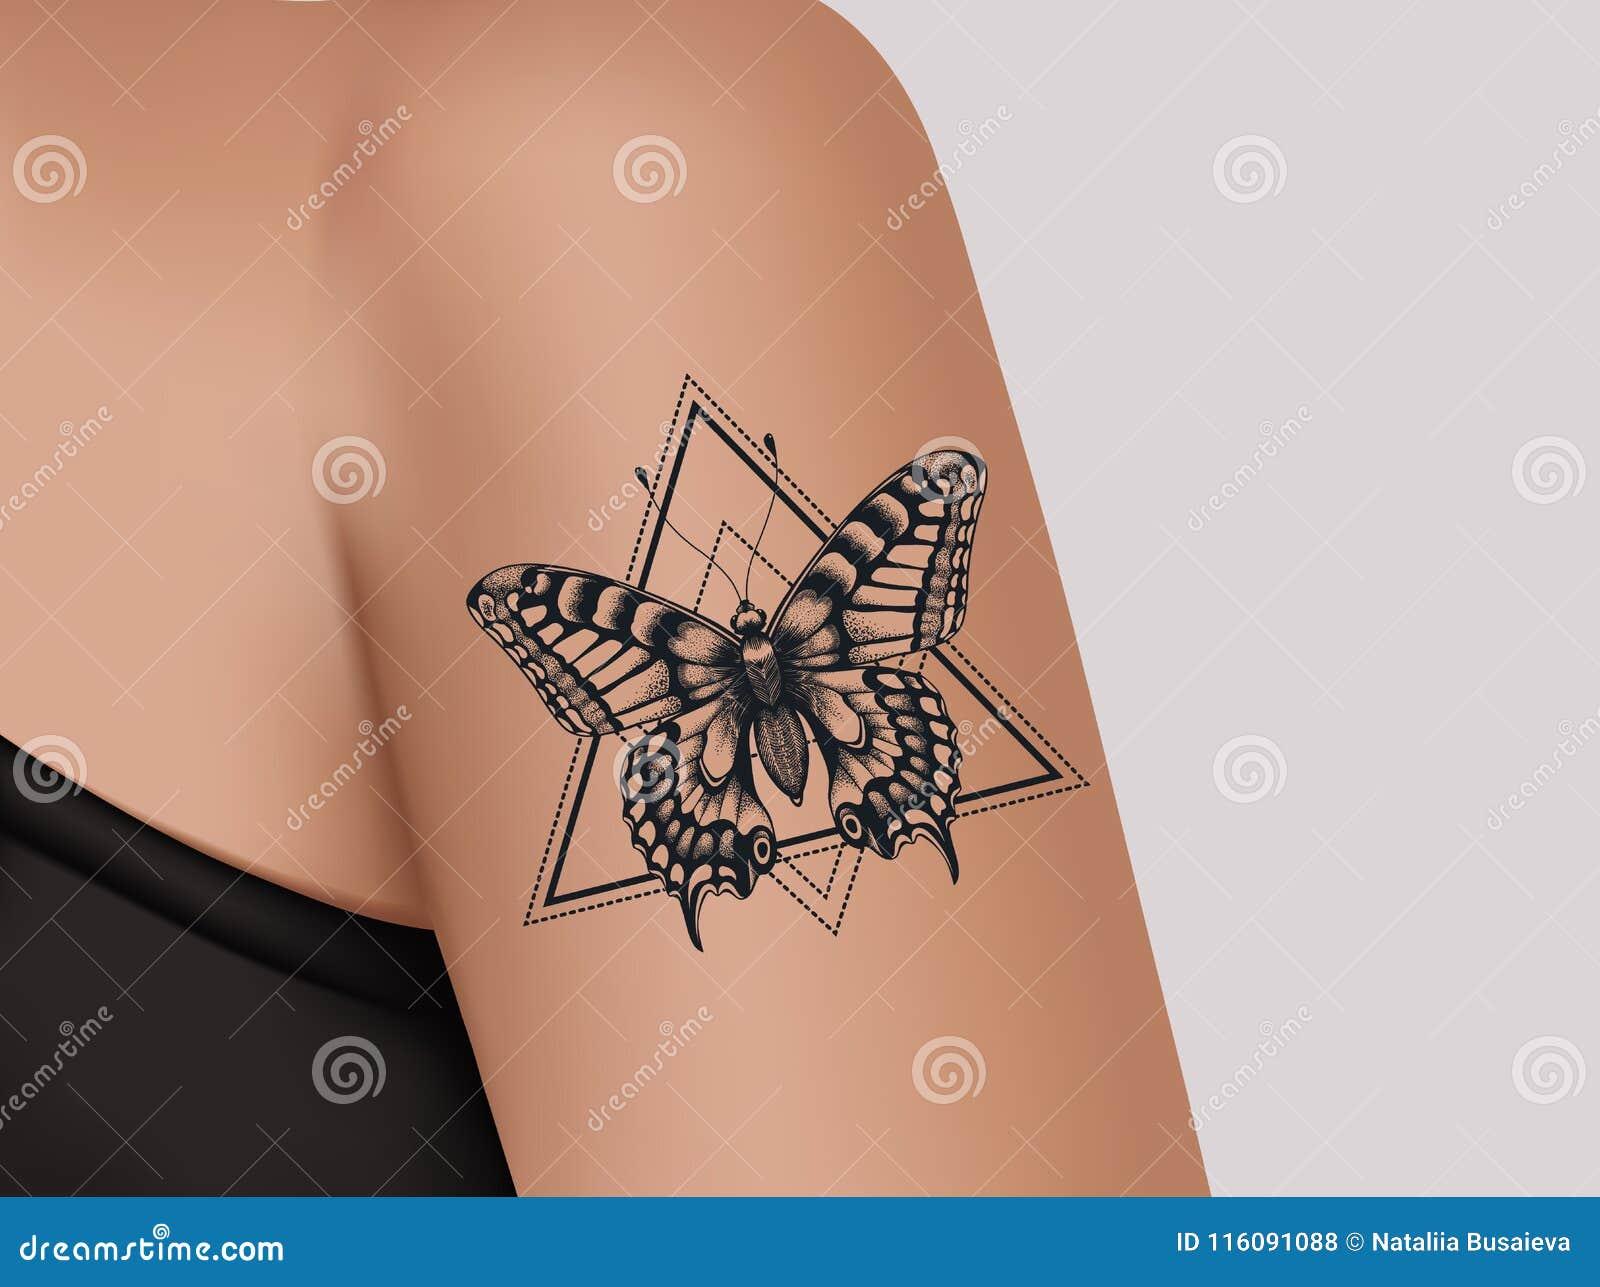 Tatuaje En Hombro Femenino Tatuaje Mistico De La Mariposa Plantilla